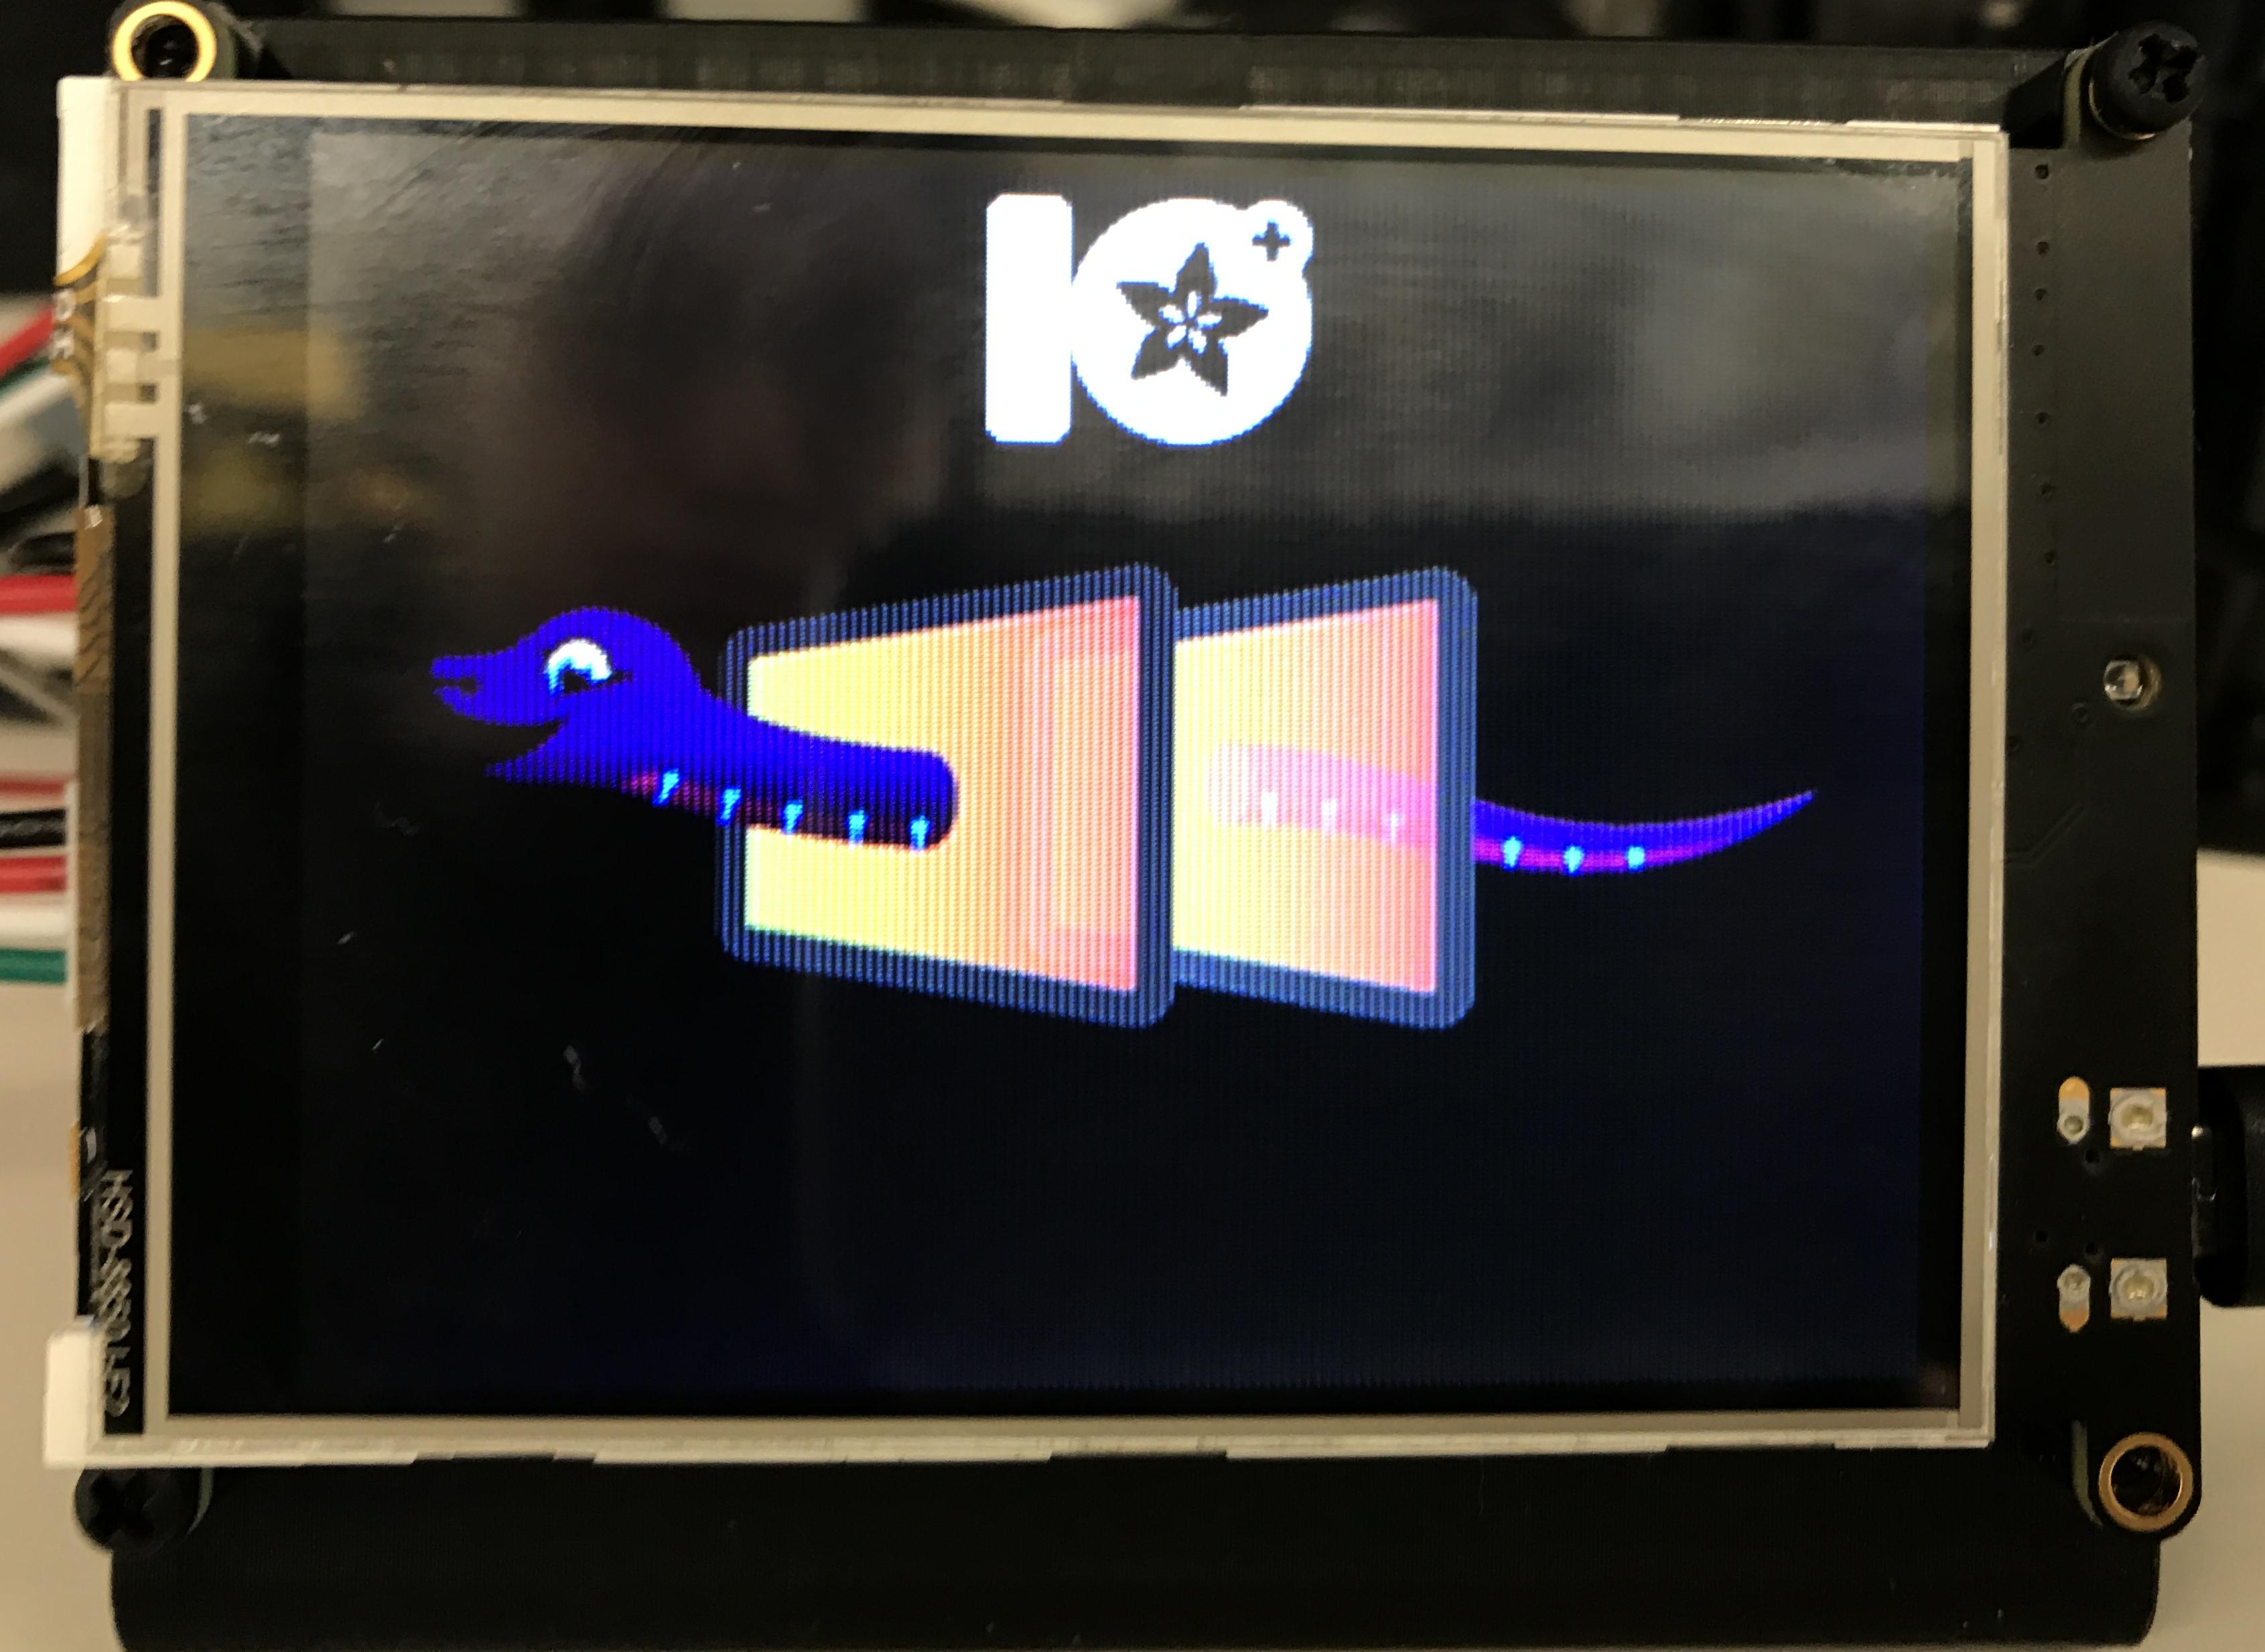 sensors_display_logo.png